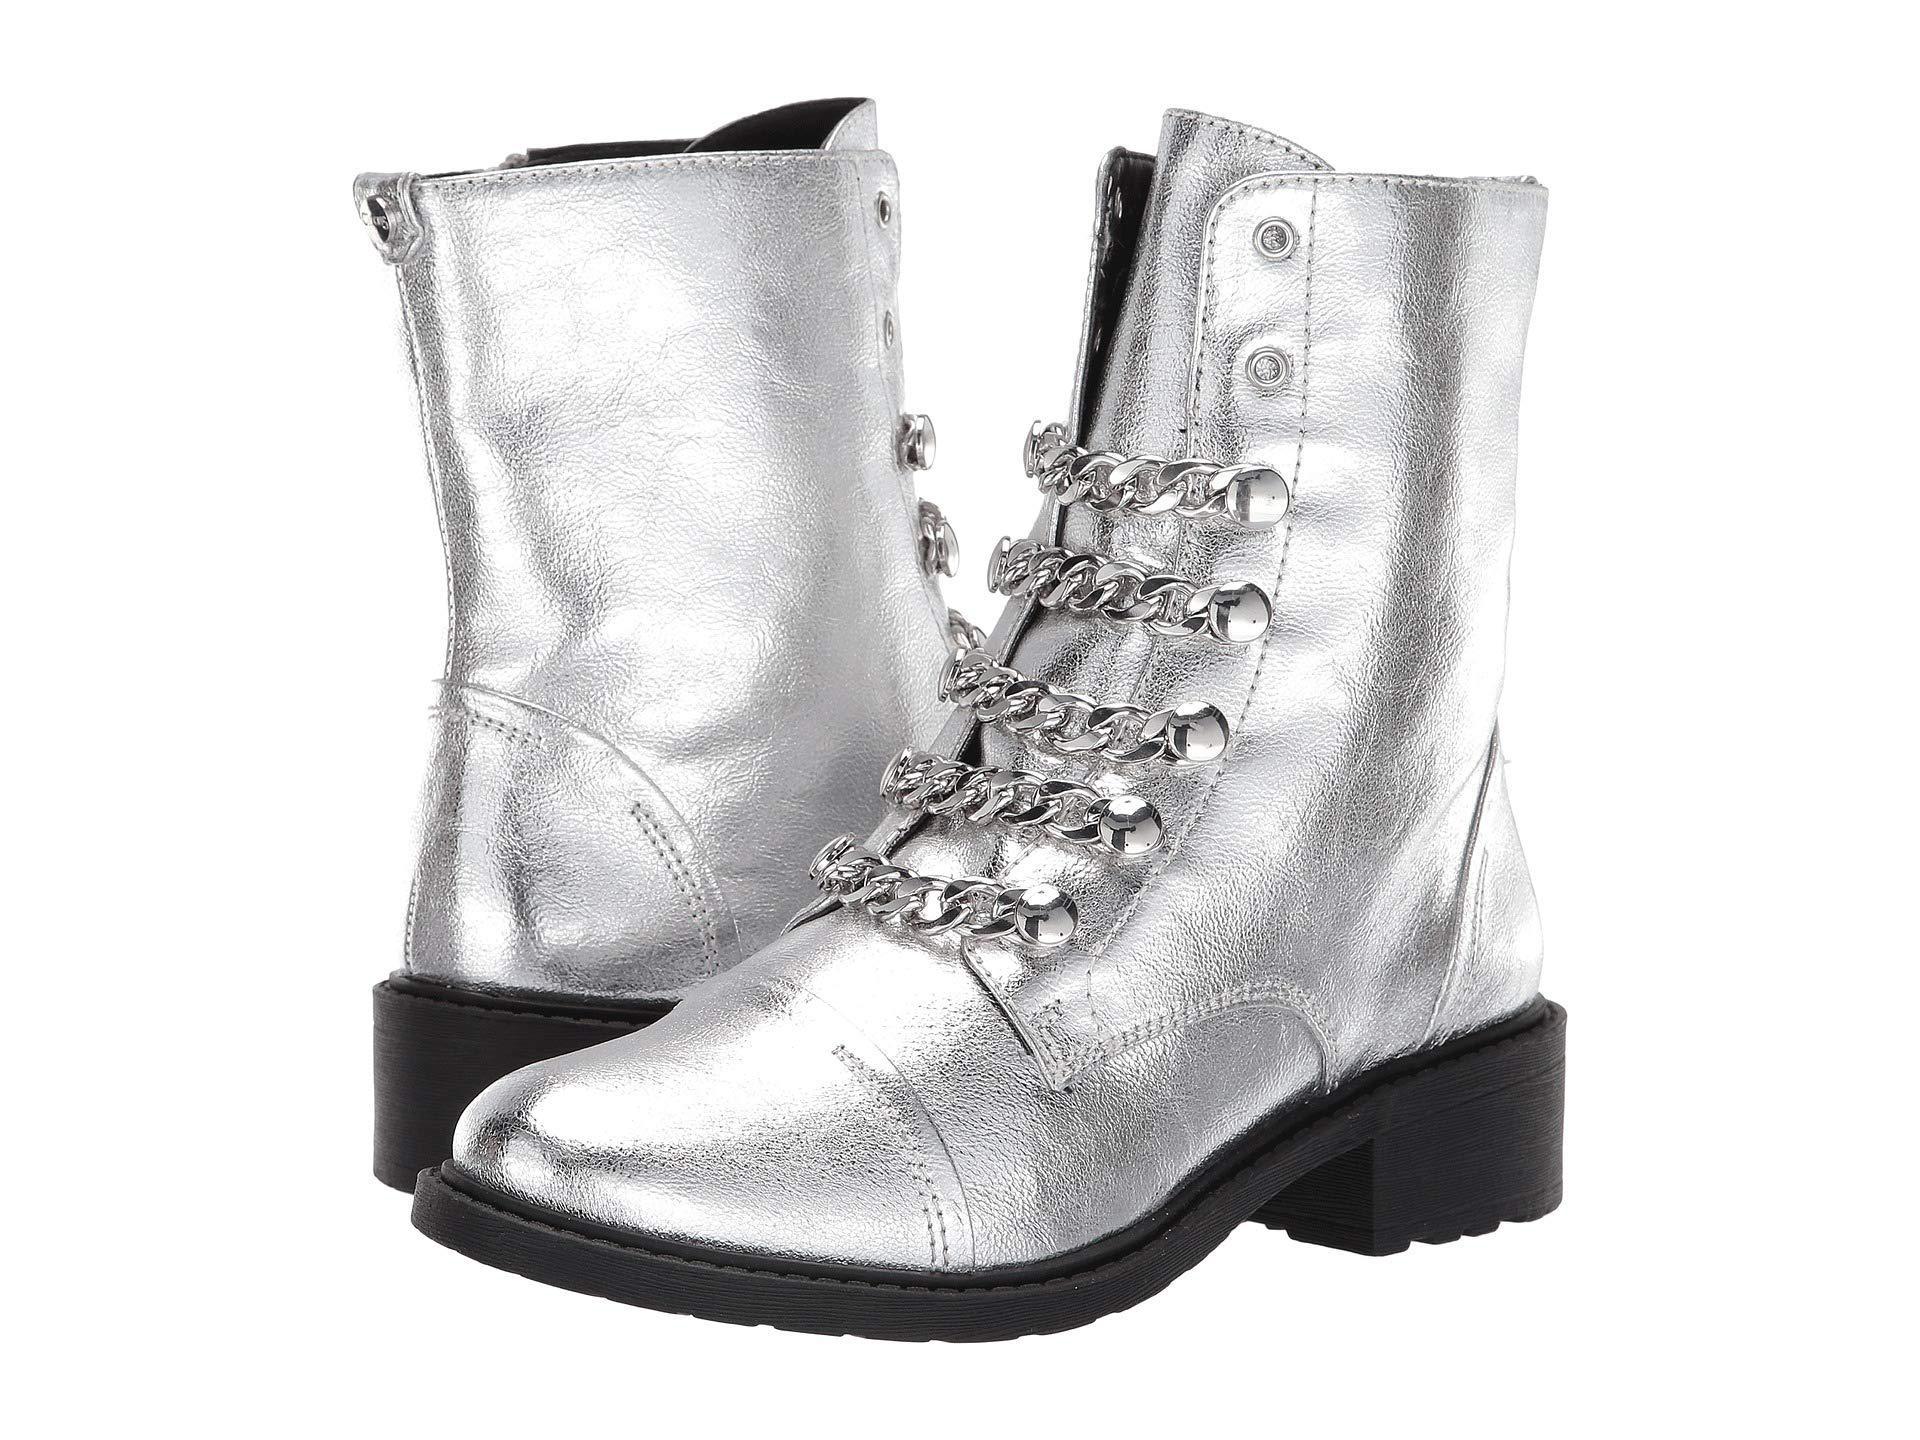 0582ab9d960c Circus by Sam Edelman - Metallic Dacey Fashion Boot - Lyst. View fullscreen